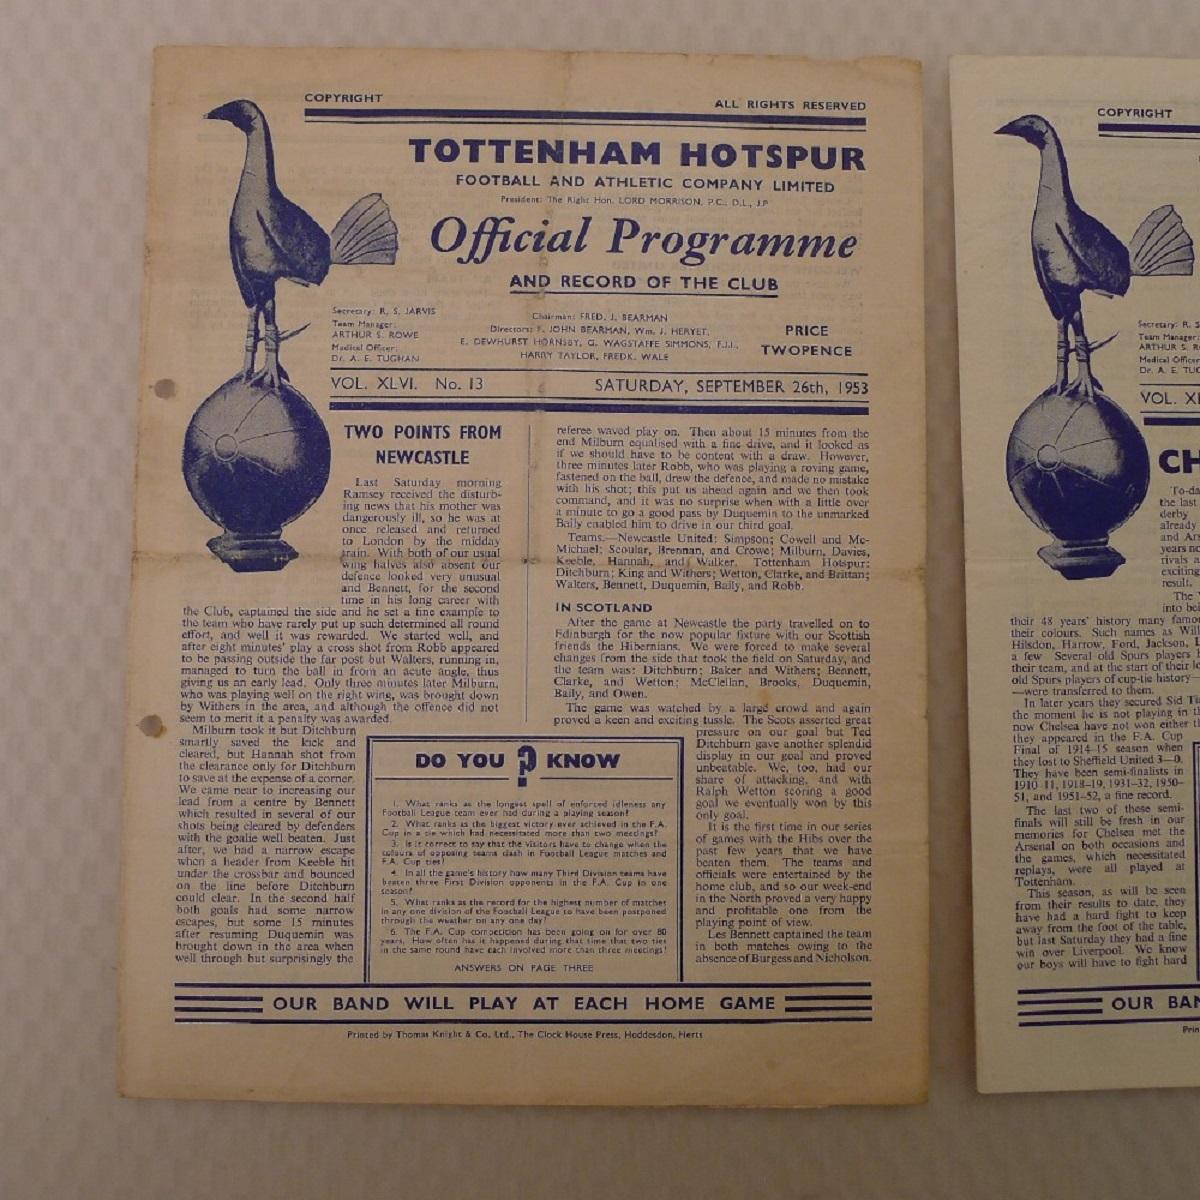 Vintage Football Programmes. 3 x Tottenham Hotspur 1953 football programmes comprising v Burnley - Image 2 of 5